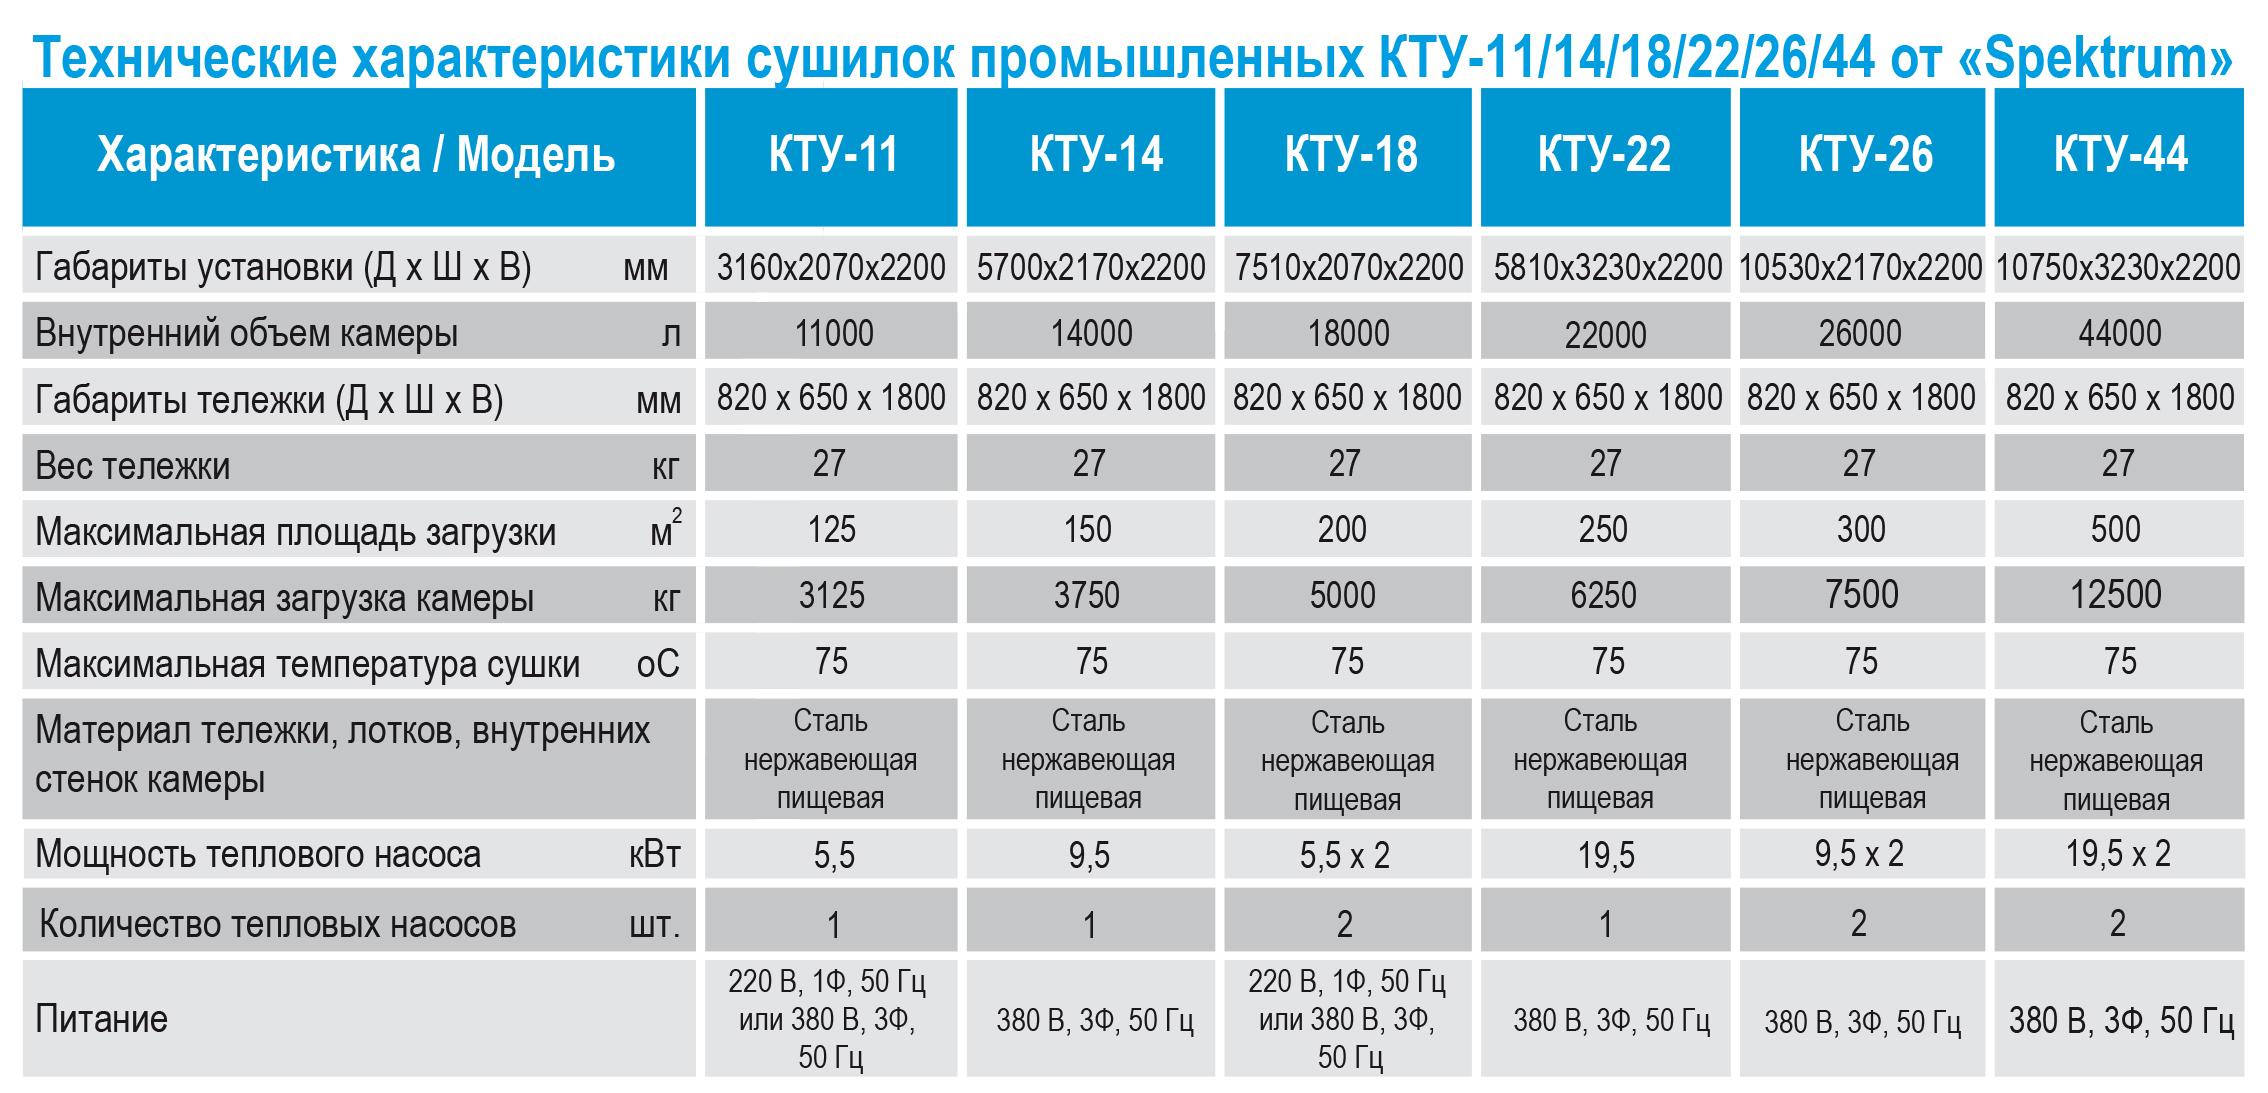 Tekhnicheskie kharakteristiki KTU 11_44 ot Spektrum